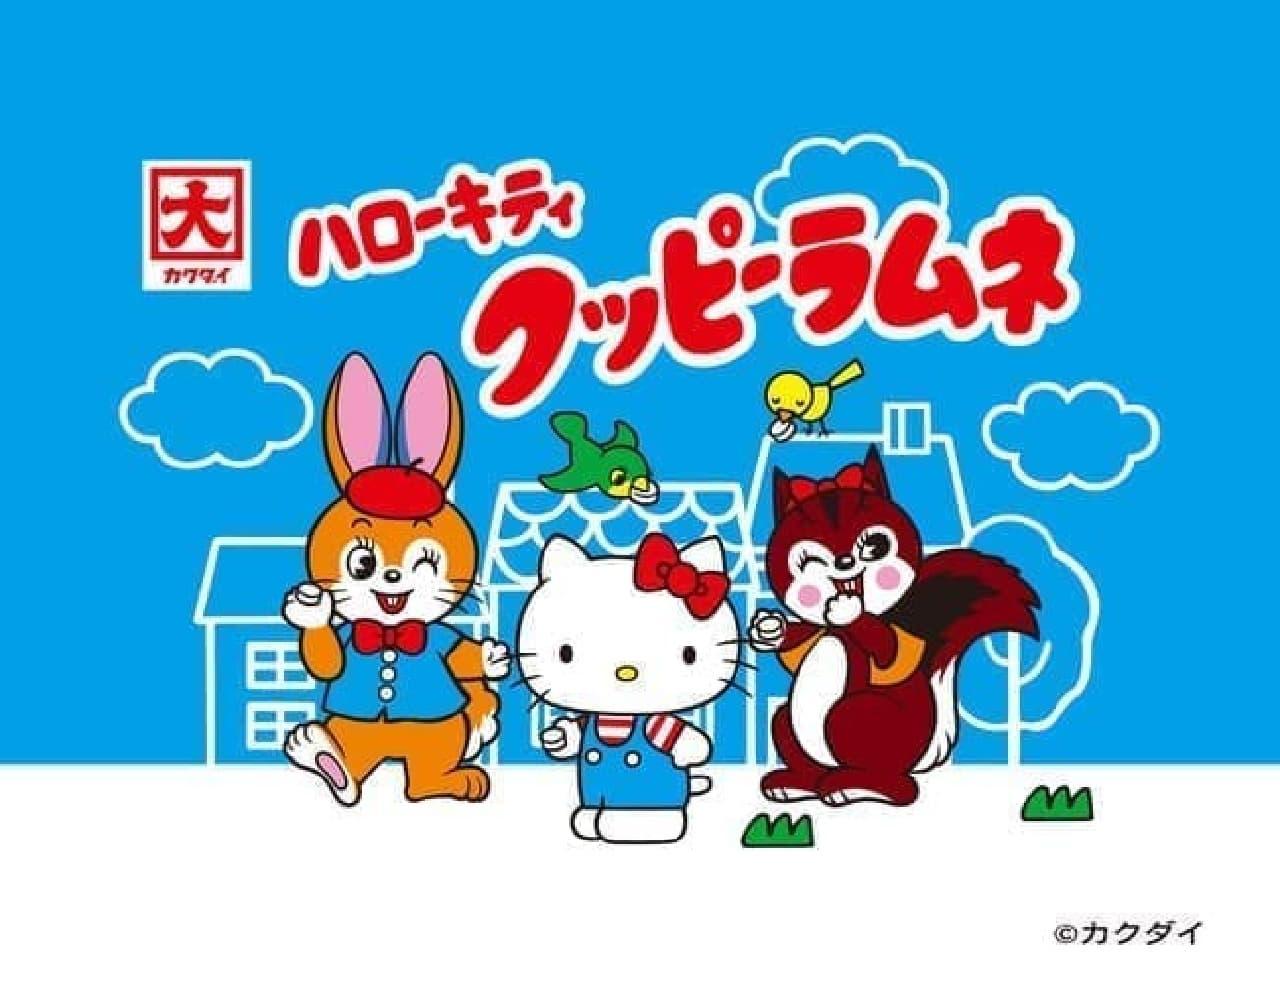 「サンリオキャラクターズ クッピーラムネコラボシリーズ」登場 -- レアなコラボ雑貨&菓子ギフト